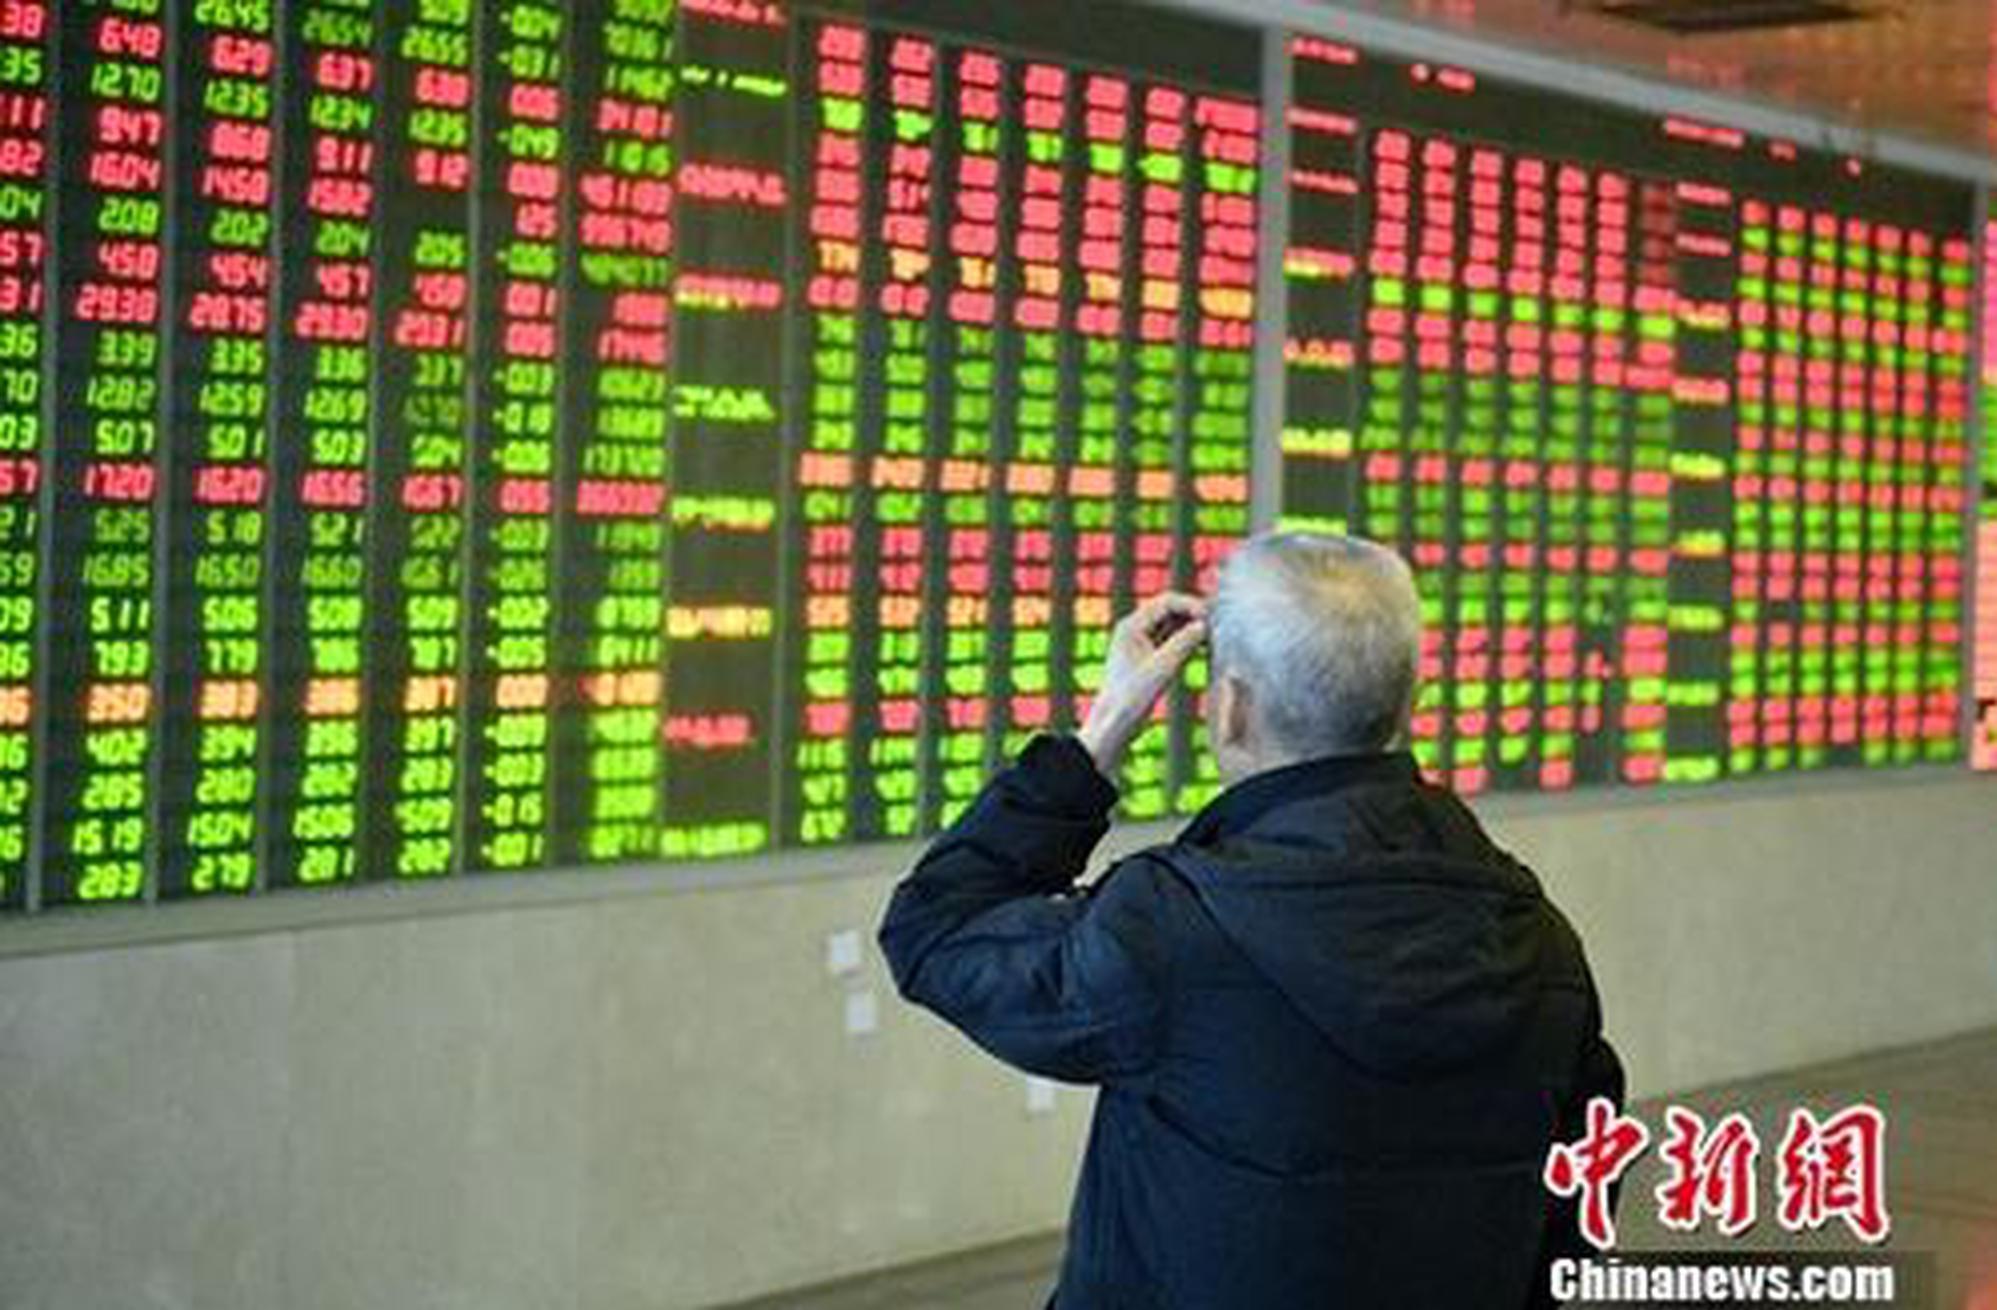 外汇局:中国债市和股市中 外资持有比重仍较低